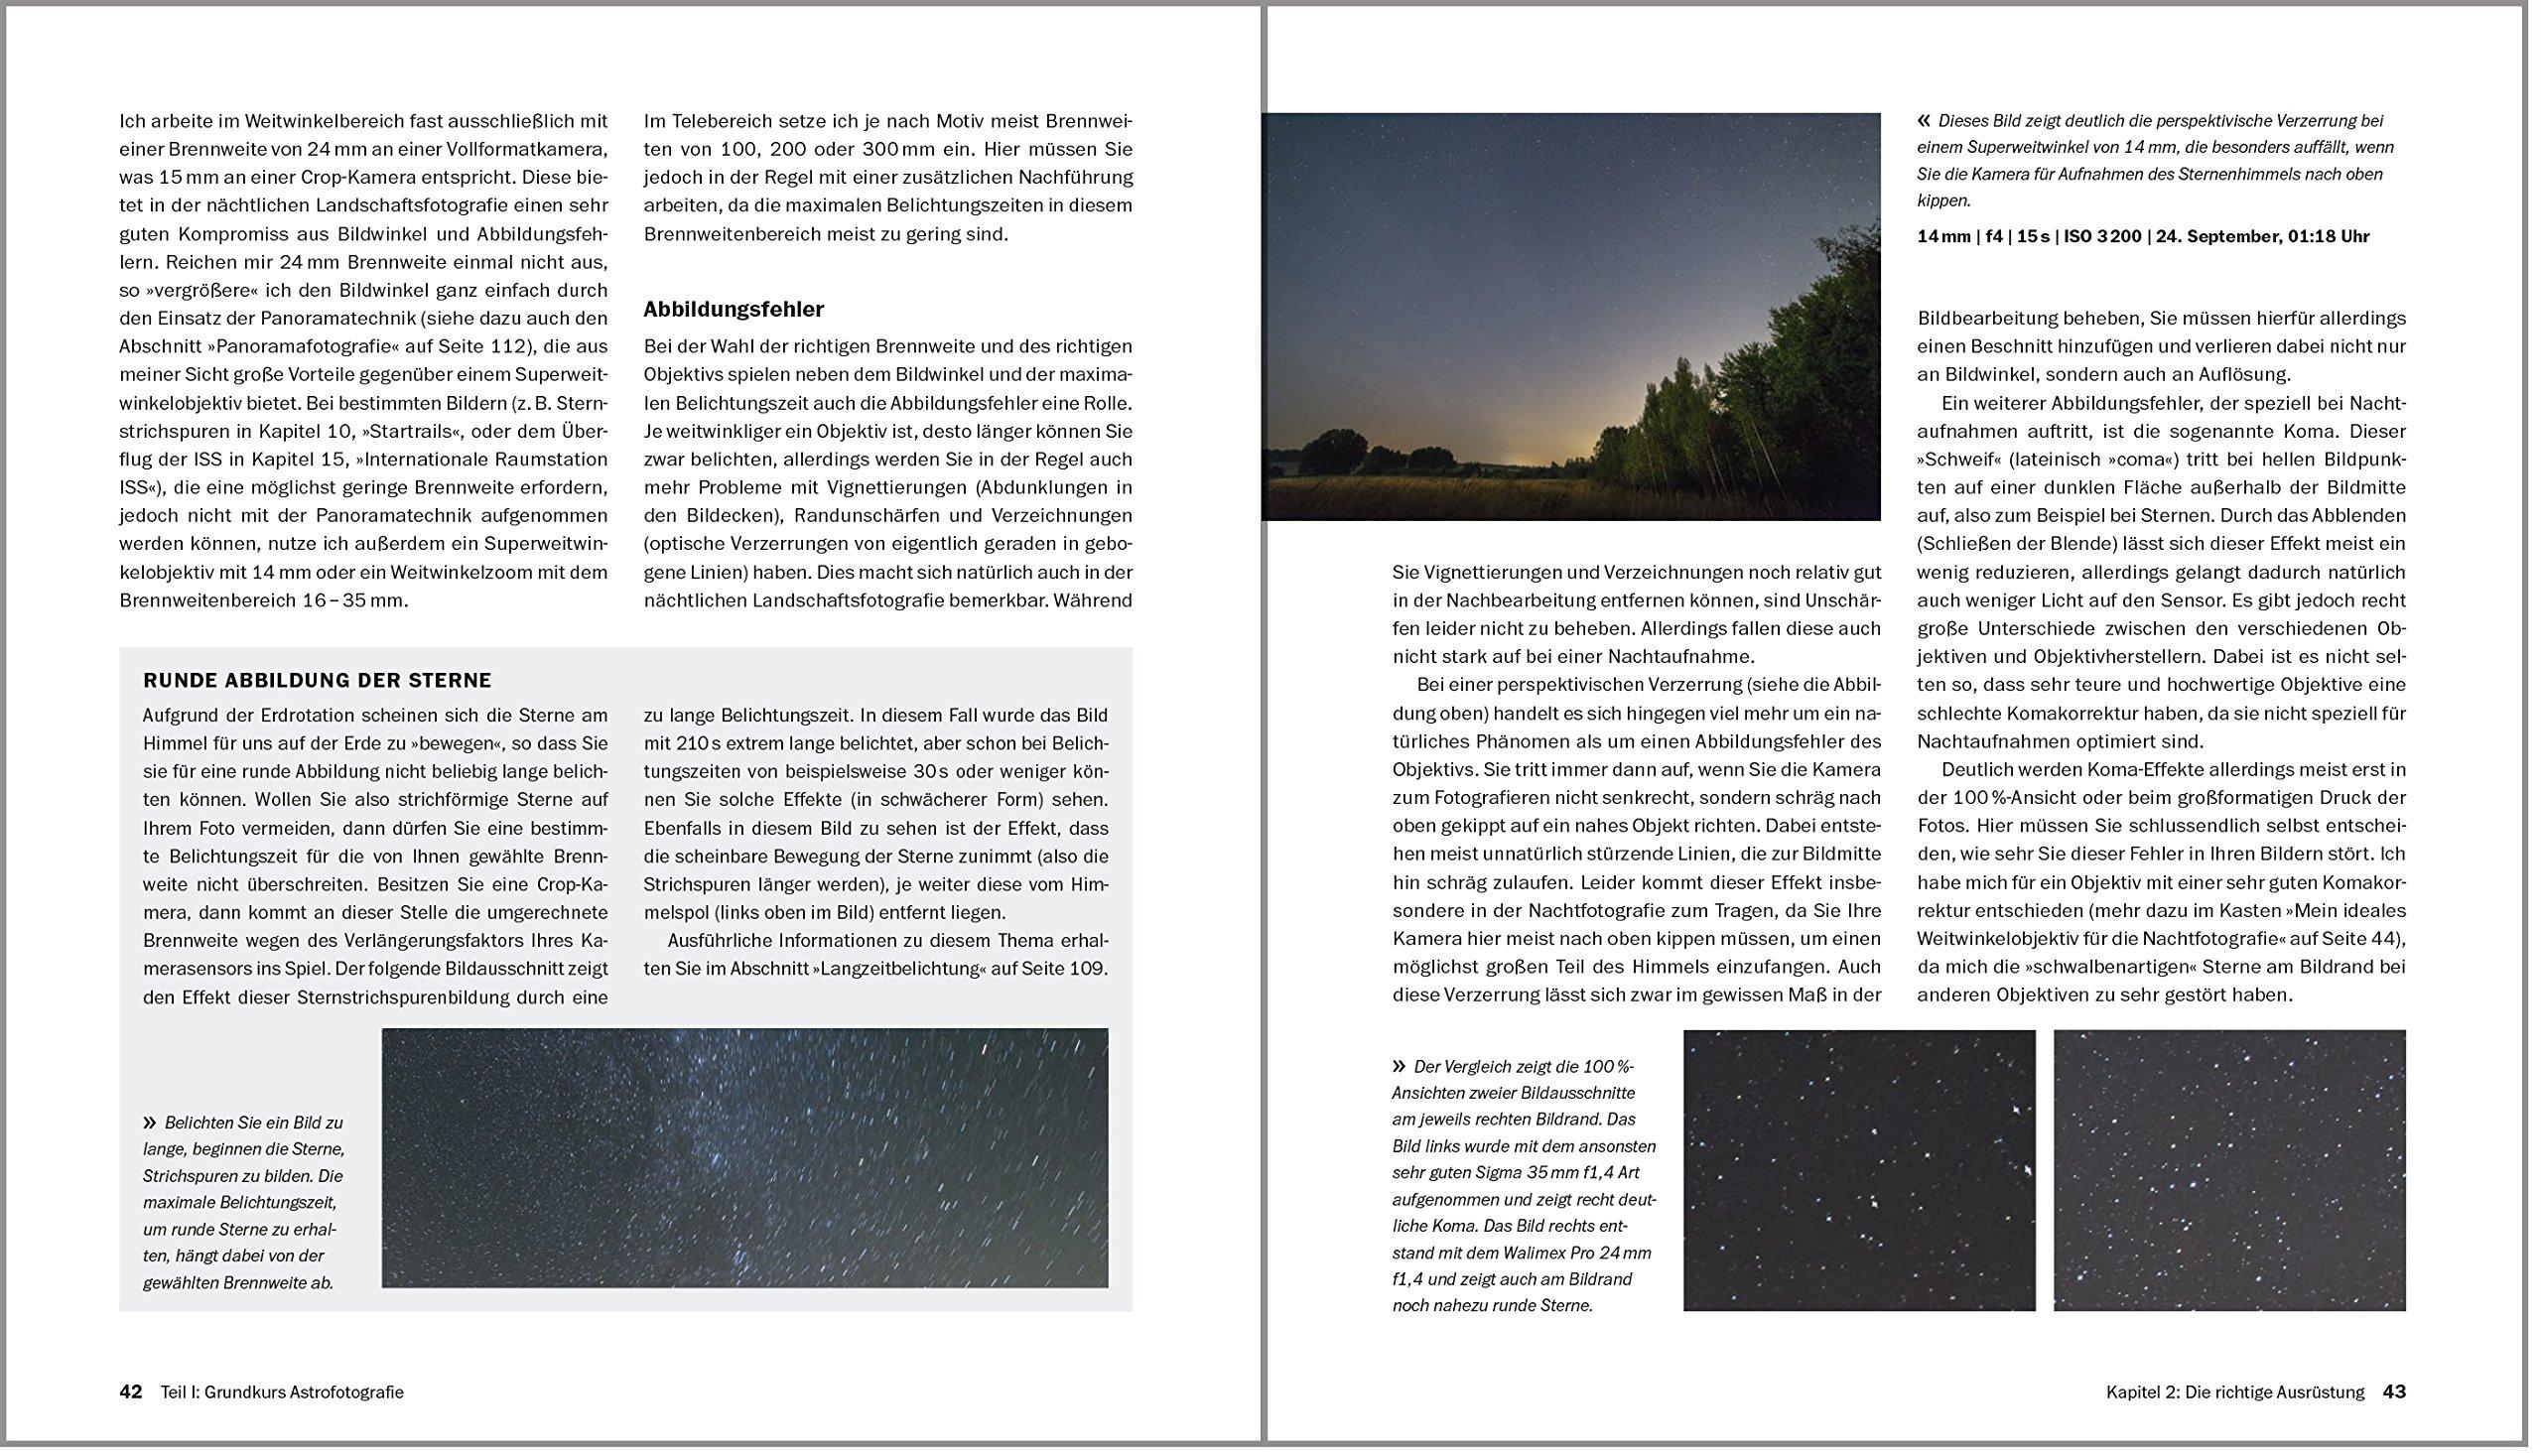 Astrofotografie Spektakuläre Bilder ohne Spezialausrüstung